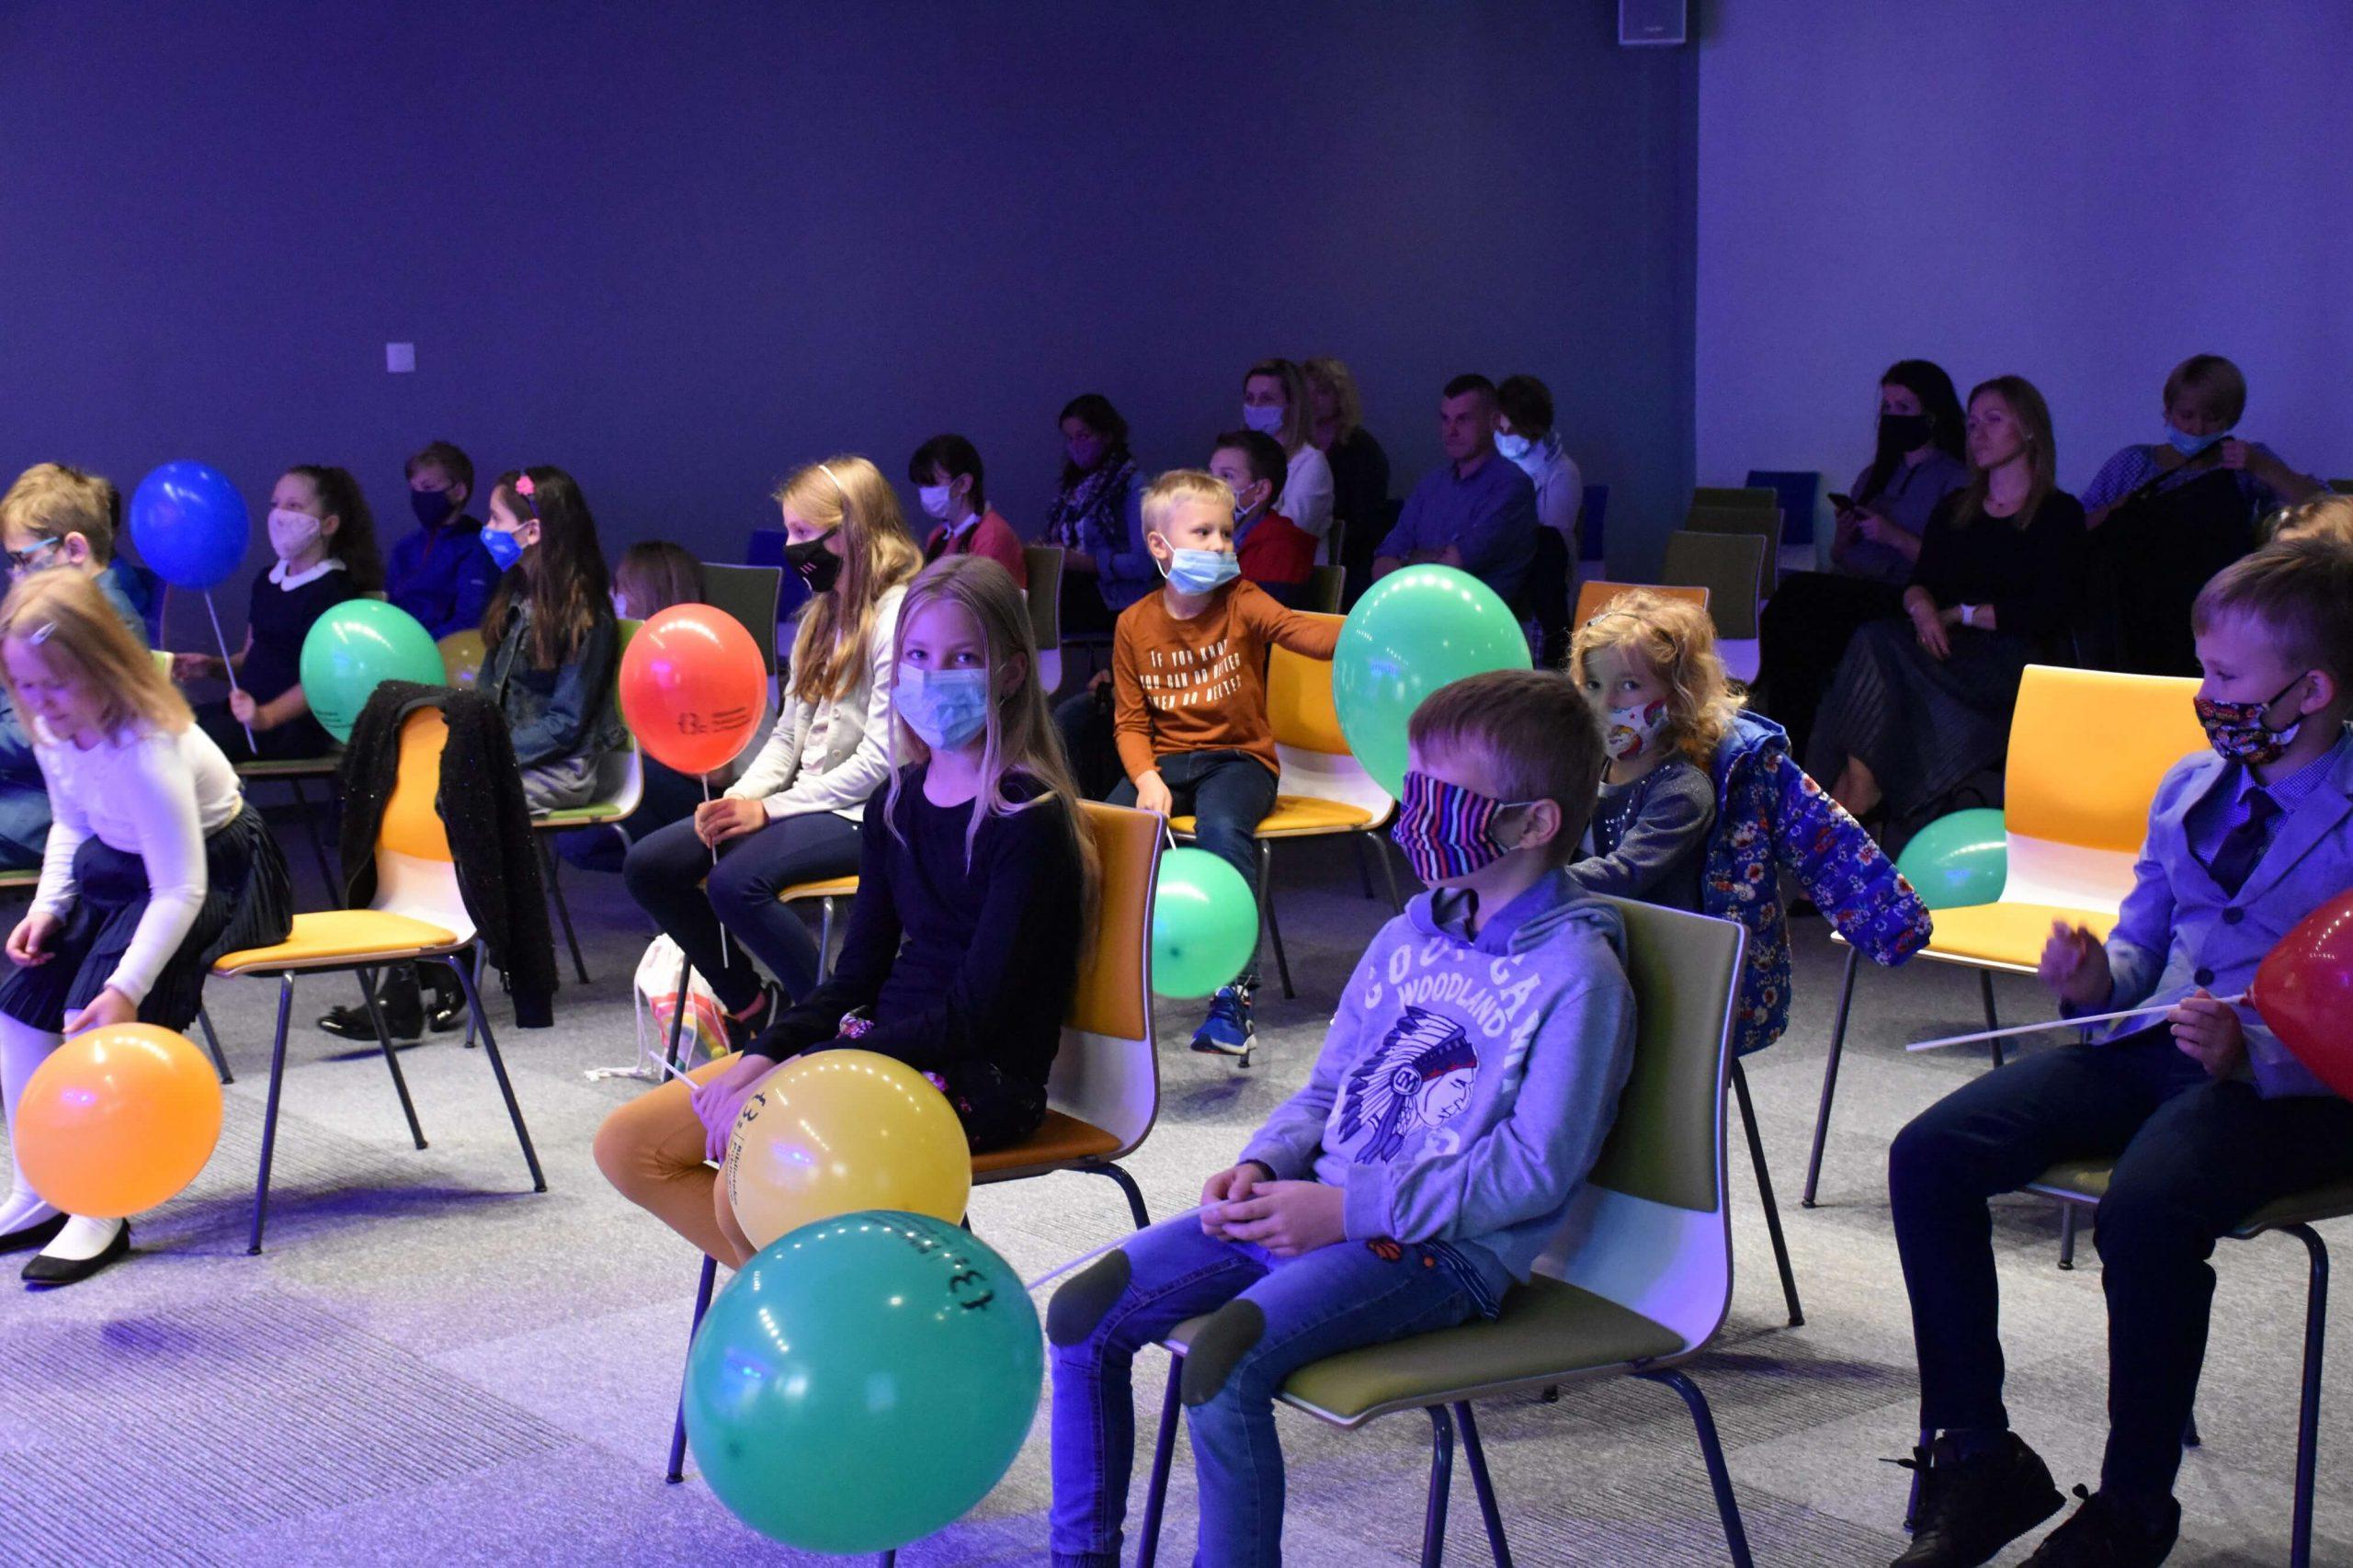 Uroczysta Inauguracja Piaseczyńskiego Uniwersytetu Dziecięcego